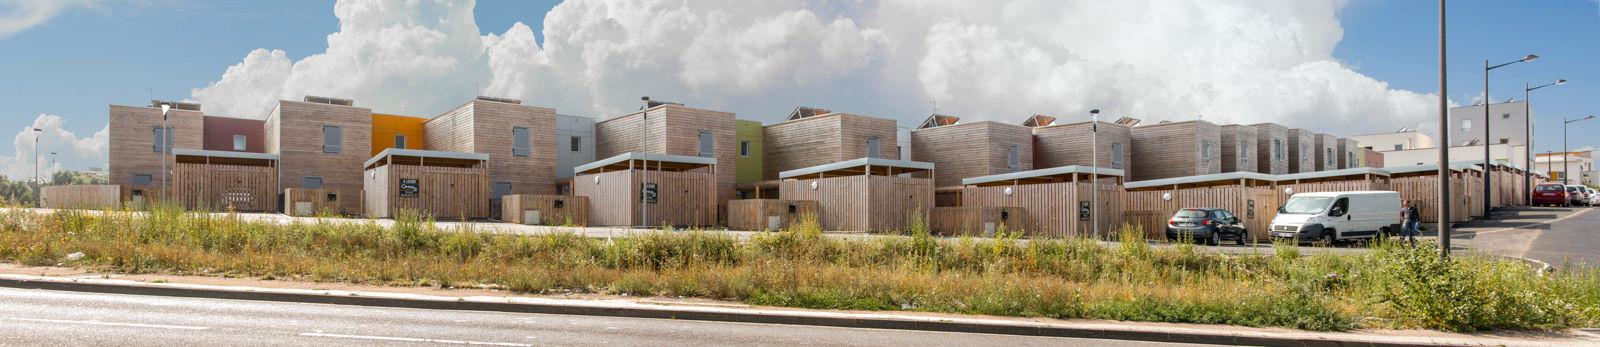 atelierphilippemadec - Le Havre 4